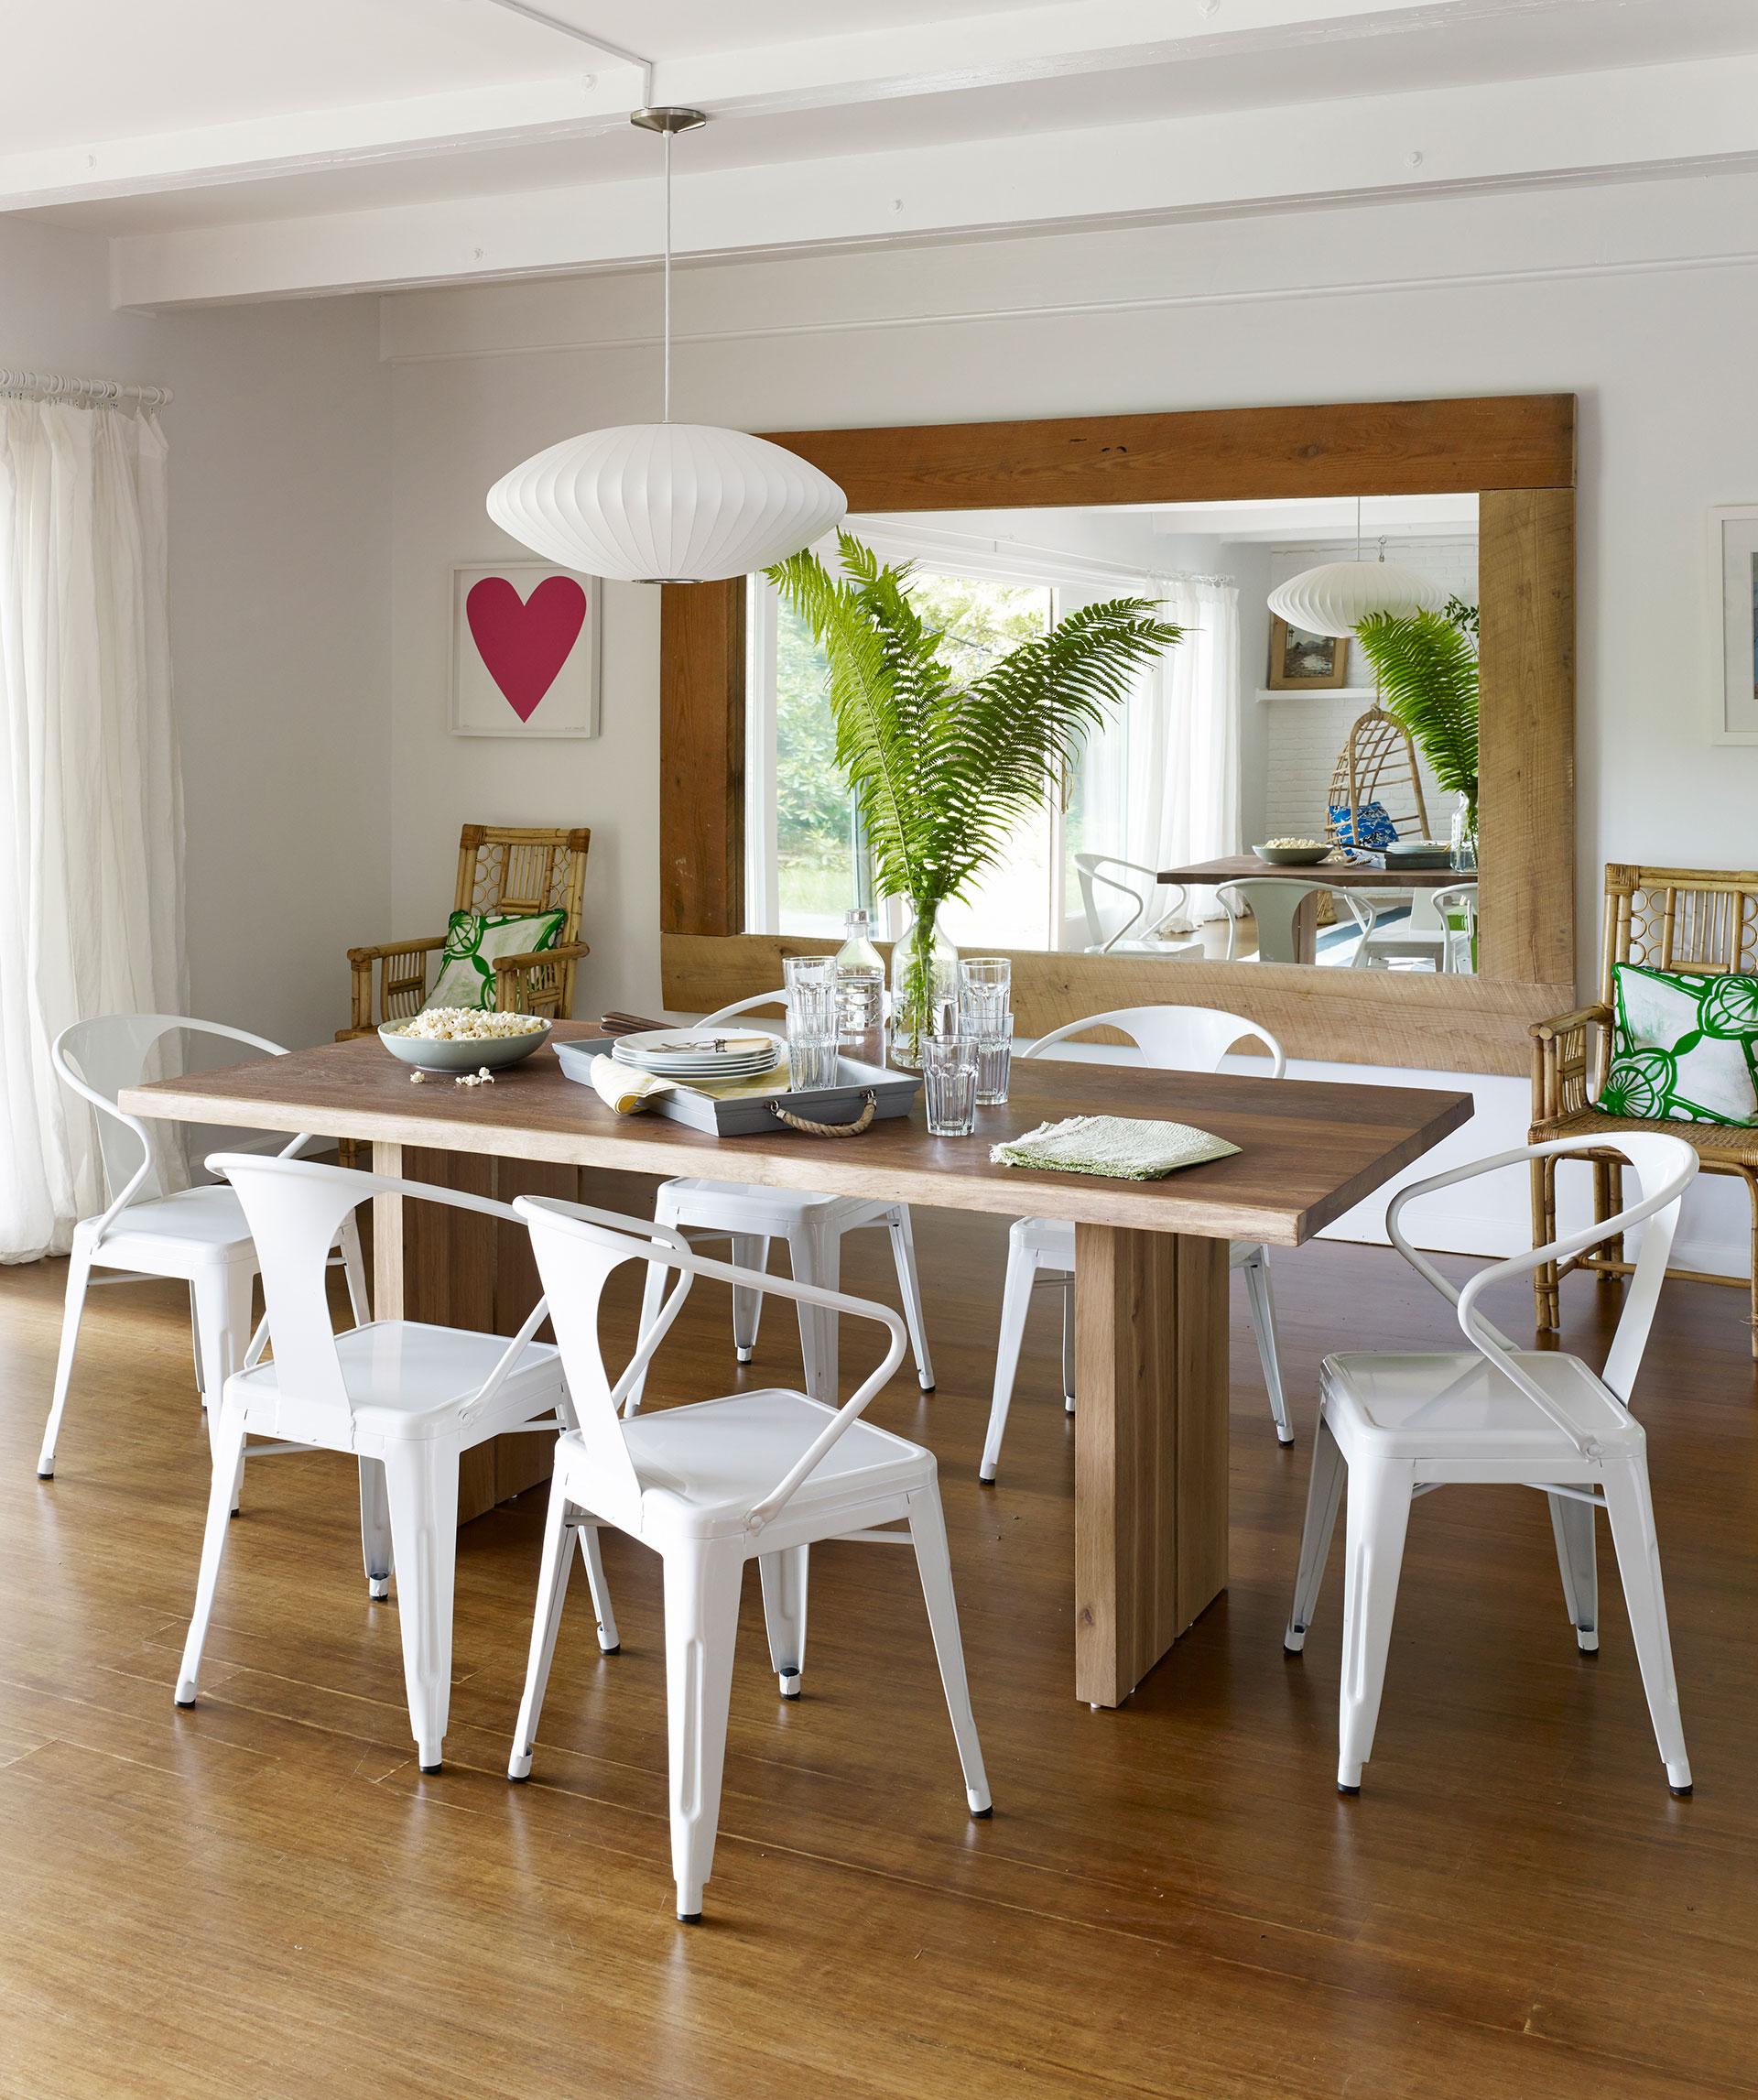 dining room decor ideas 82 best dining room decorating ideas - country dining room decor EIMOJPW